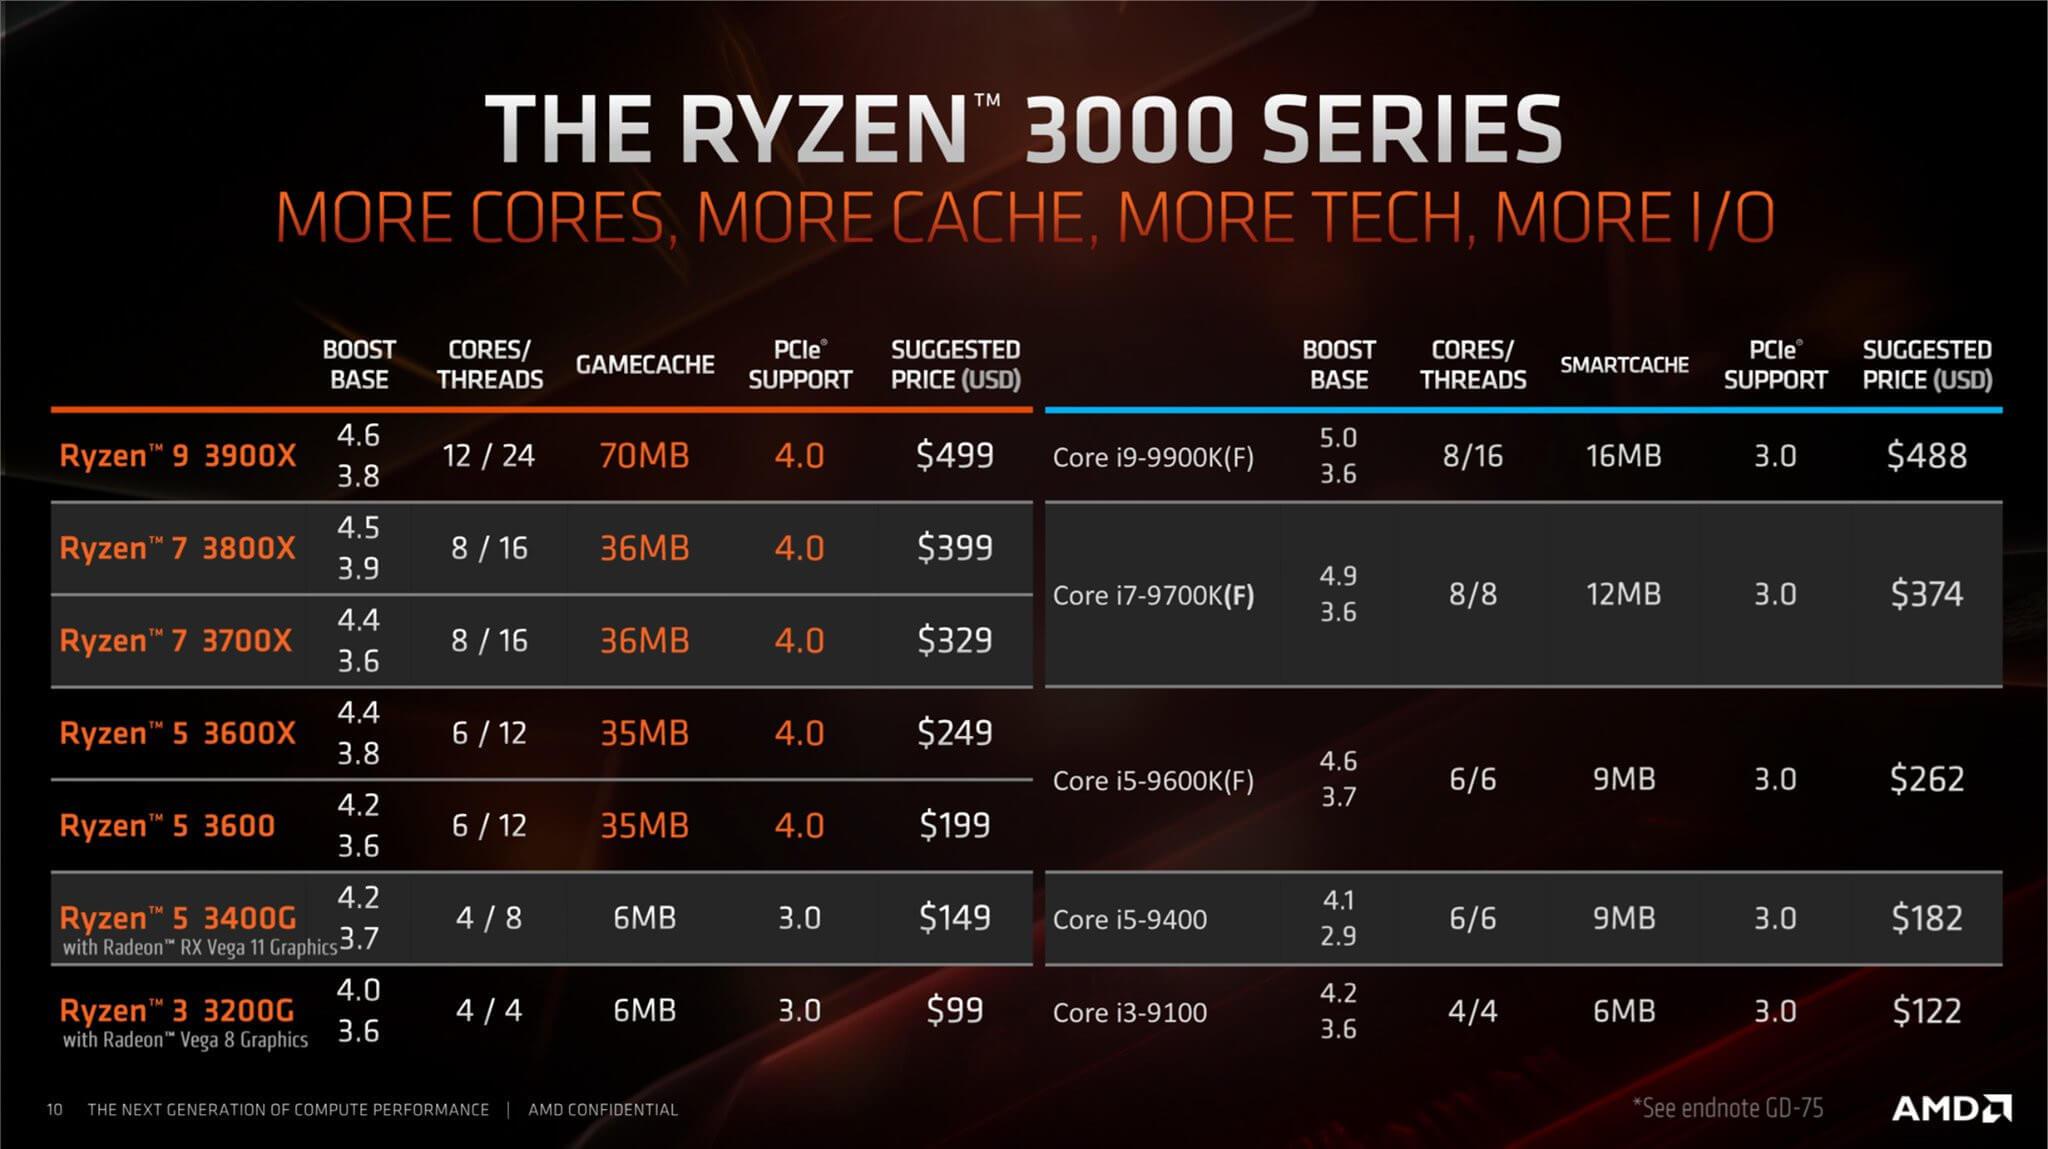 AMD Ryzen 3000G series 3400G